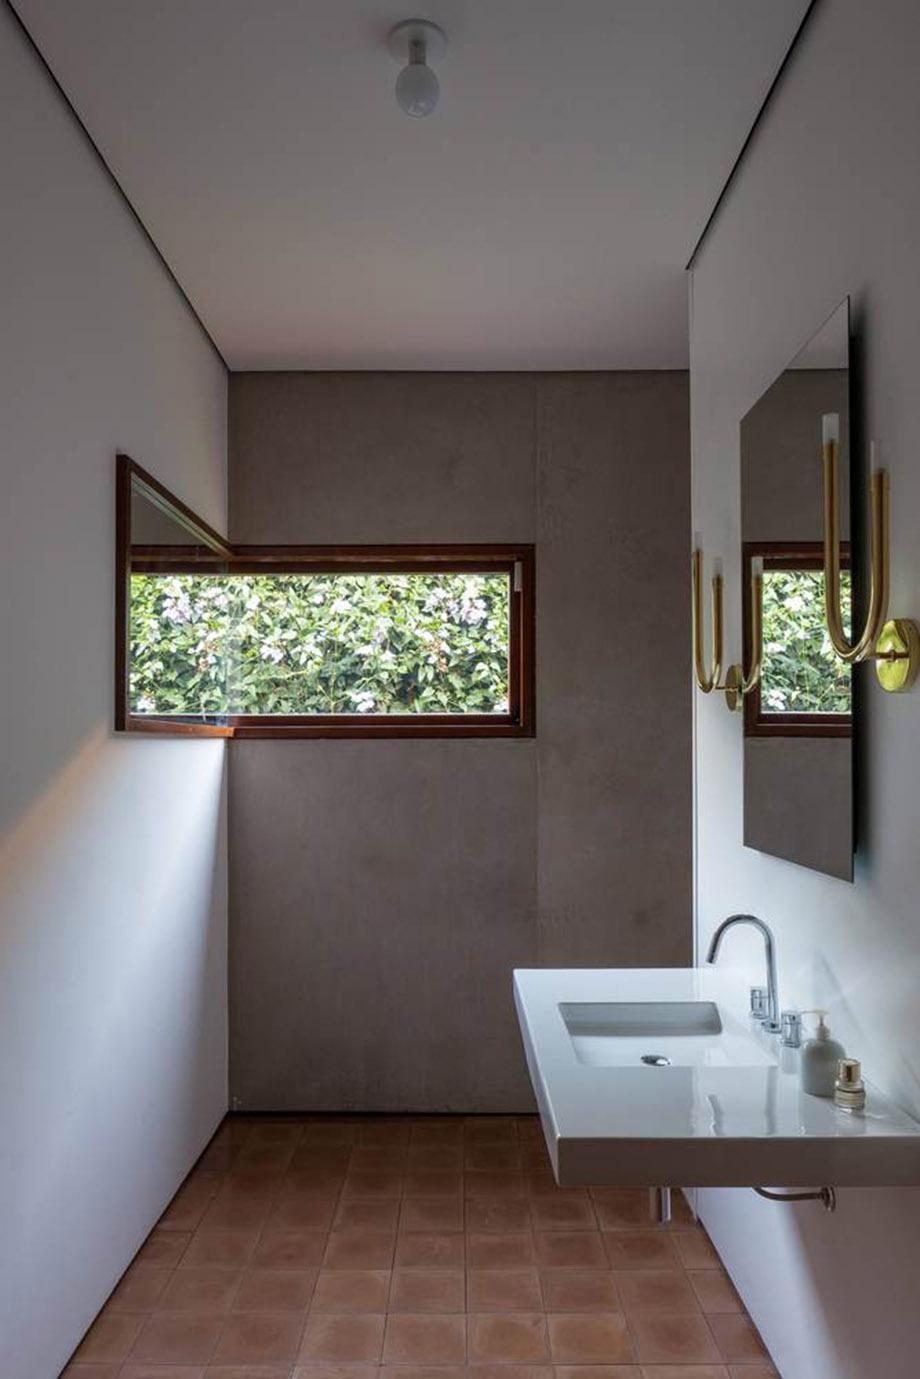 ห้องน้ำเรียบง่ายด้วยไม้และคอนกรีต